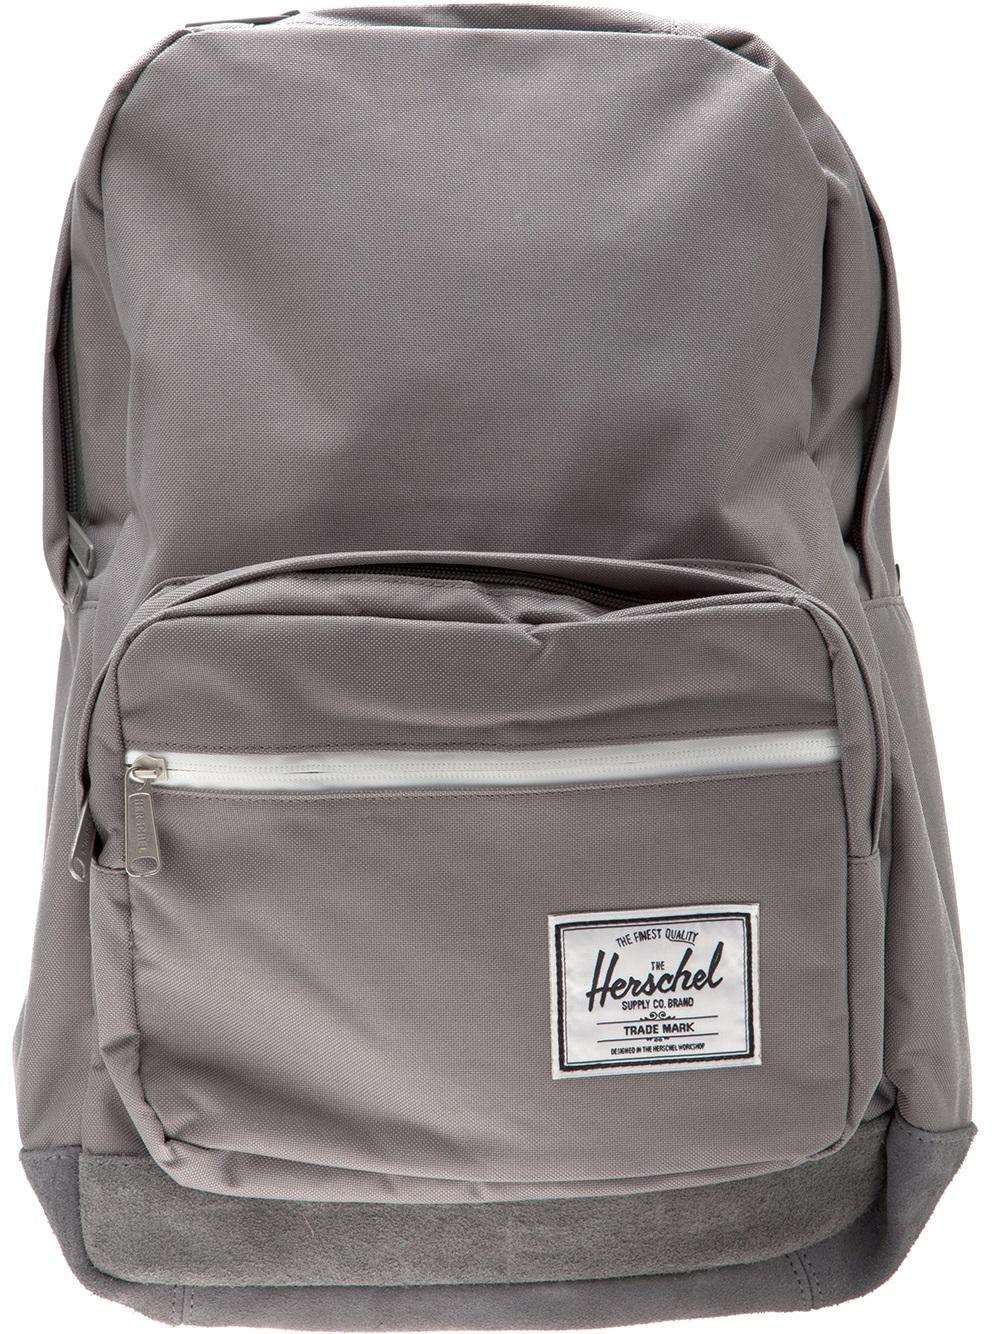 393948384a19 Herschel Supply Co. Pop Quiz Backpack in Gray for Men - Lyst